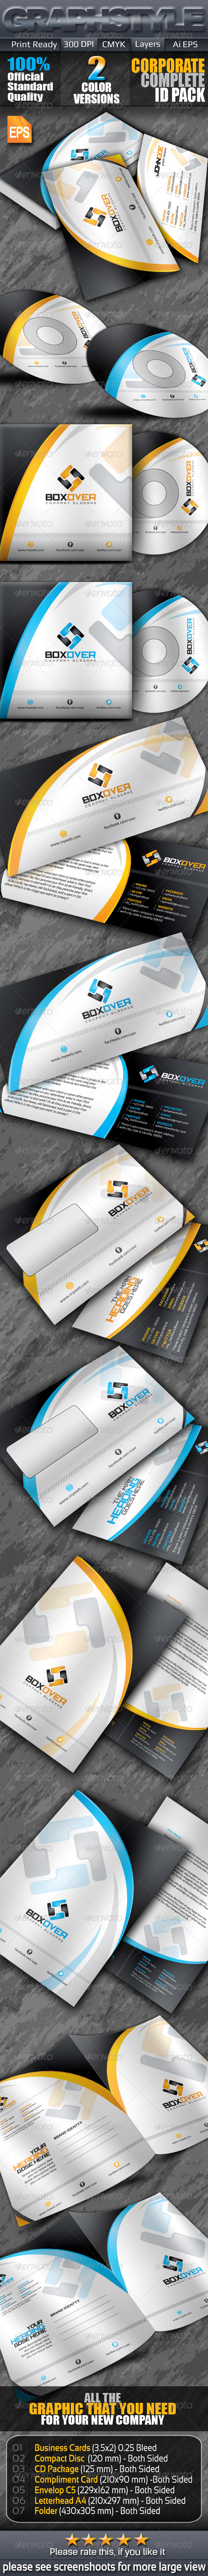 GraphicRiver Boxover Business Corporate Identity 6442660